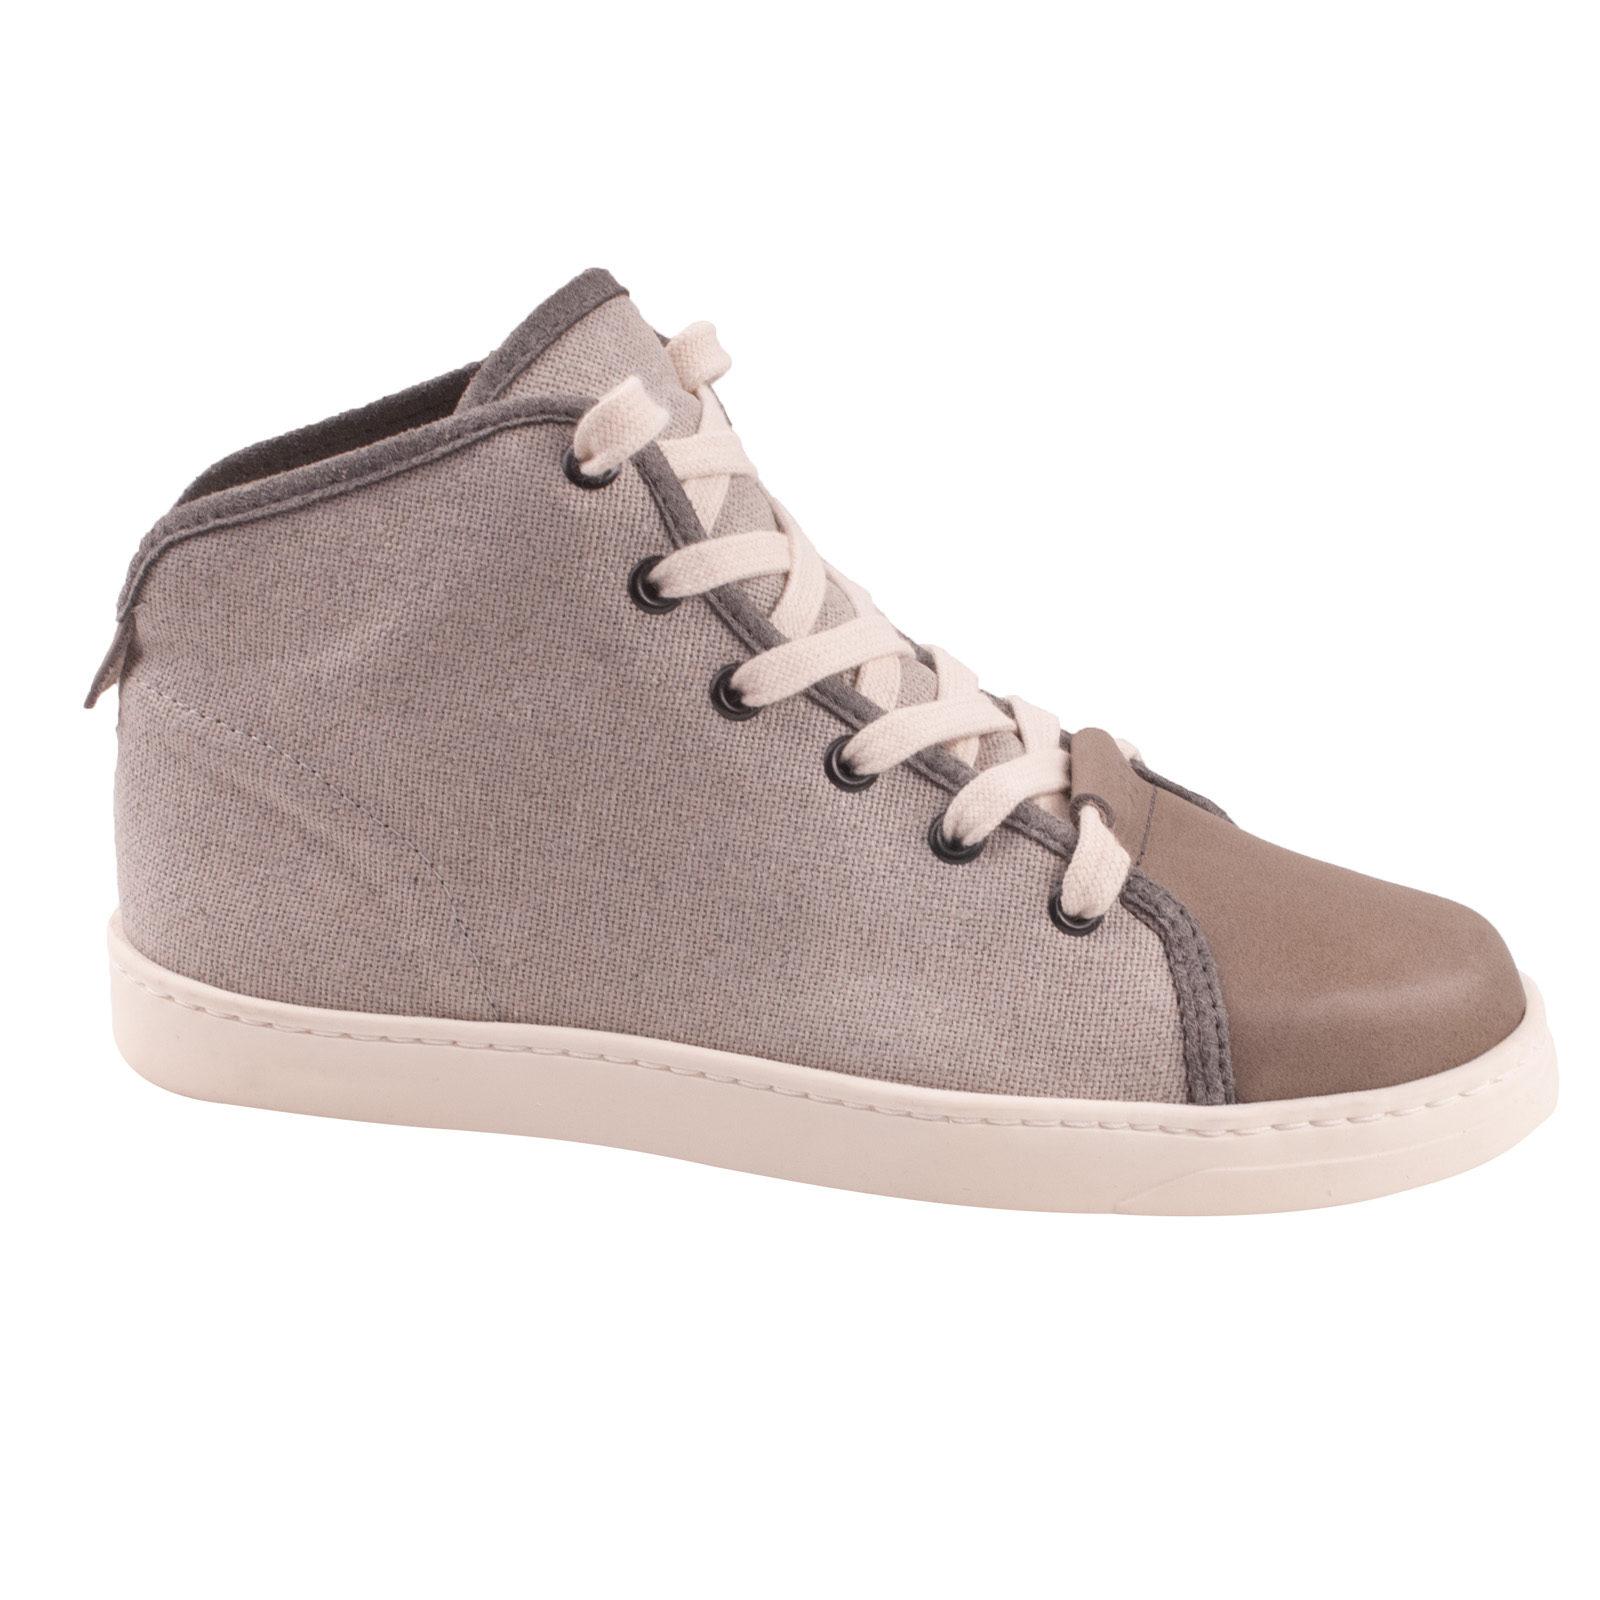 oku-trainers-Stockholm-grey-3